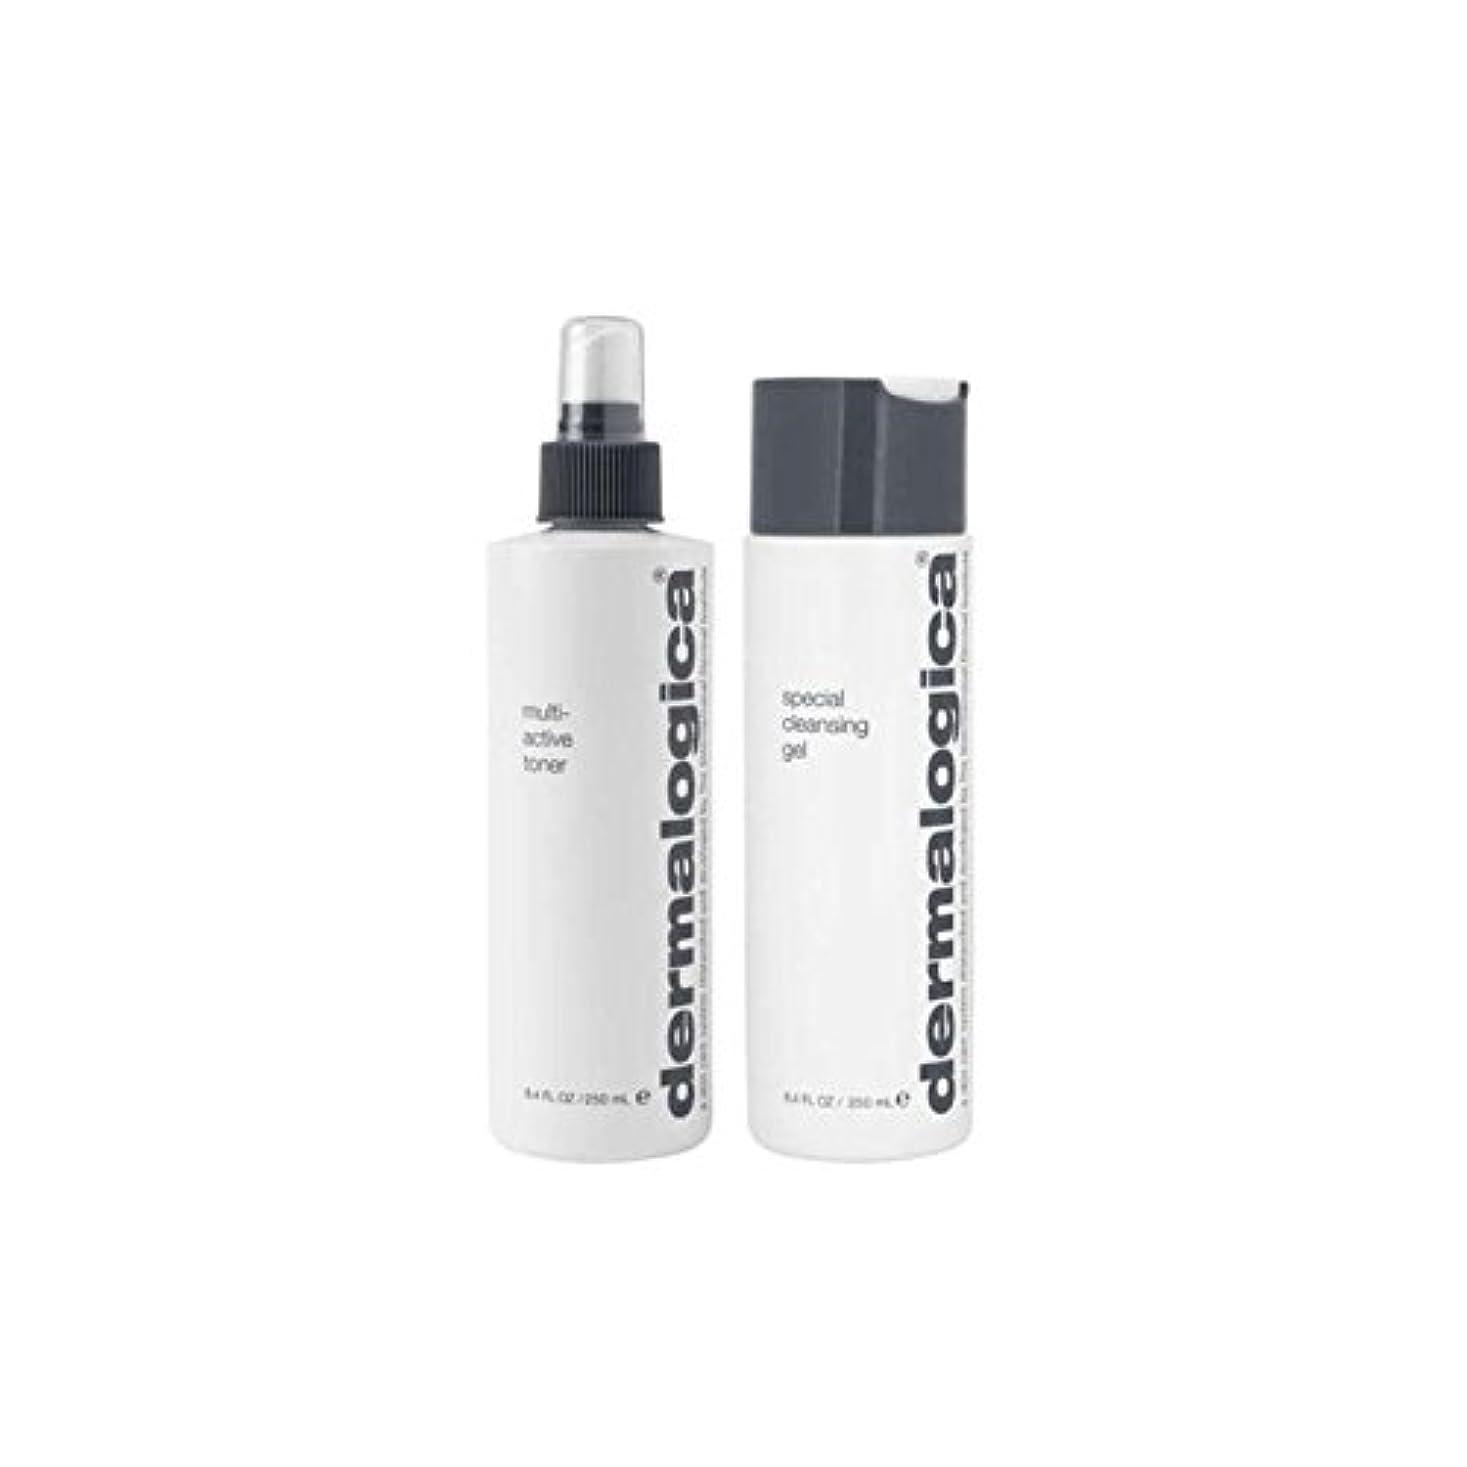 あごひげ母性アカデミーダーマロジカクレンジング&トーンデュオ - ノーマル/ドライスキン(2製品) x4 - Dermalogica Cleanse & Tone Duo - Normal/Dry Skin (2 Products) (Pack of 4) [並行輸入品]